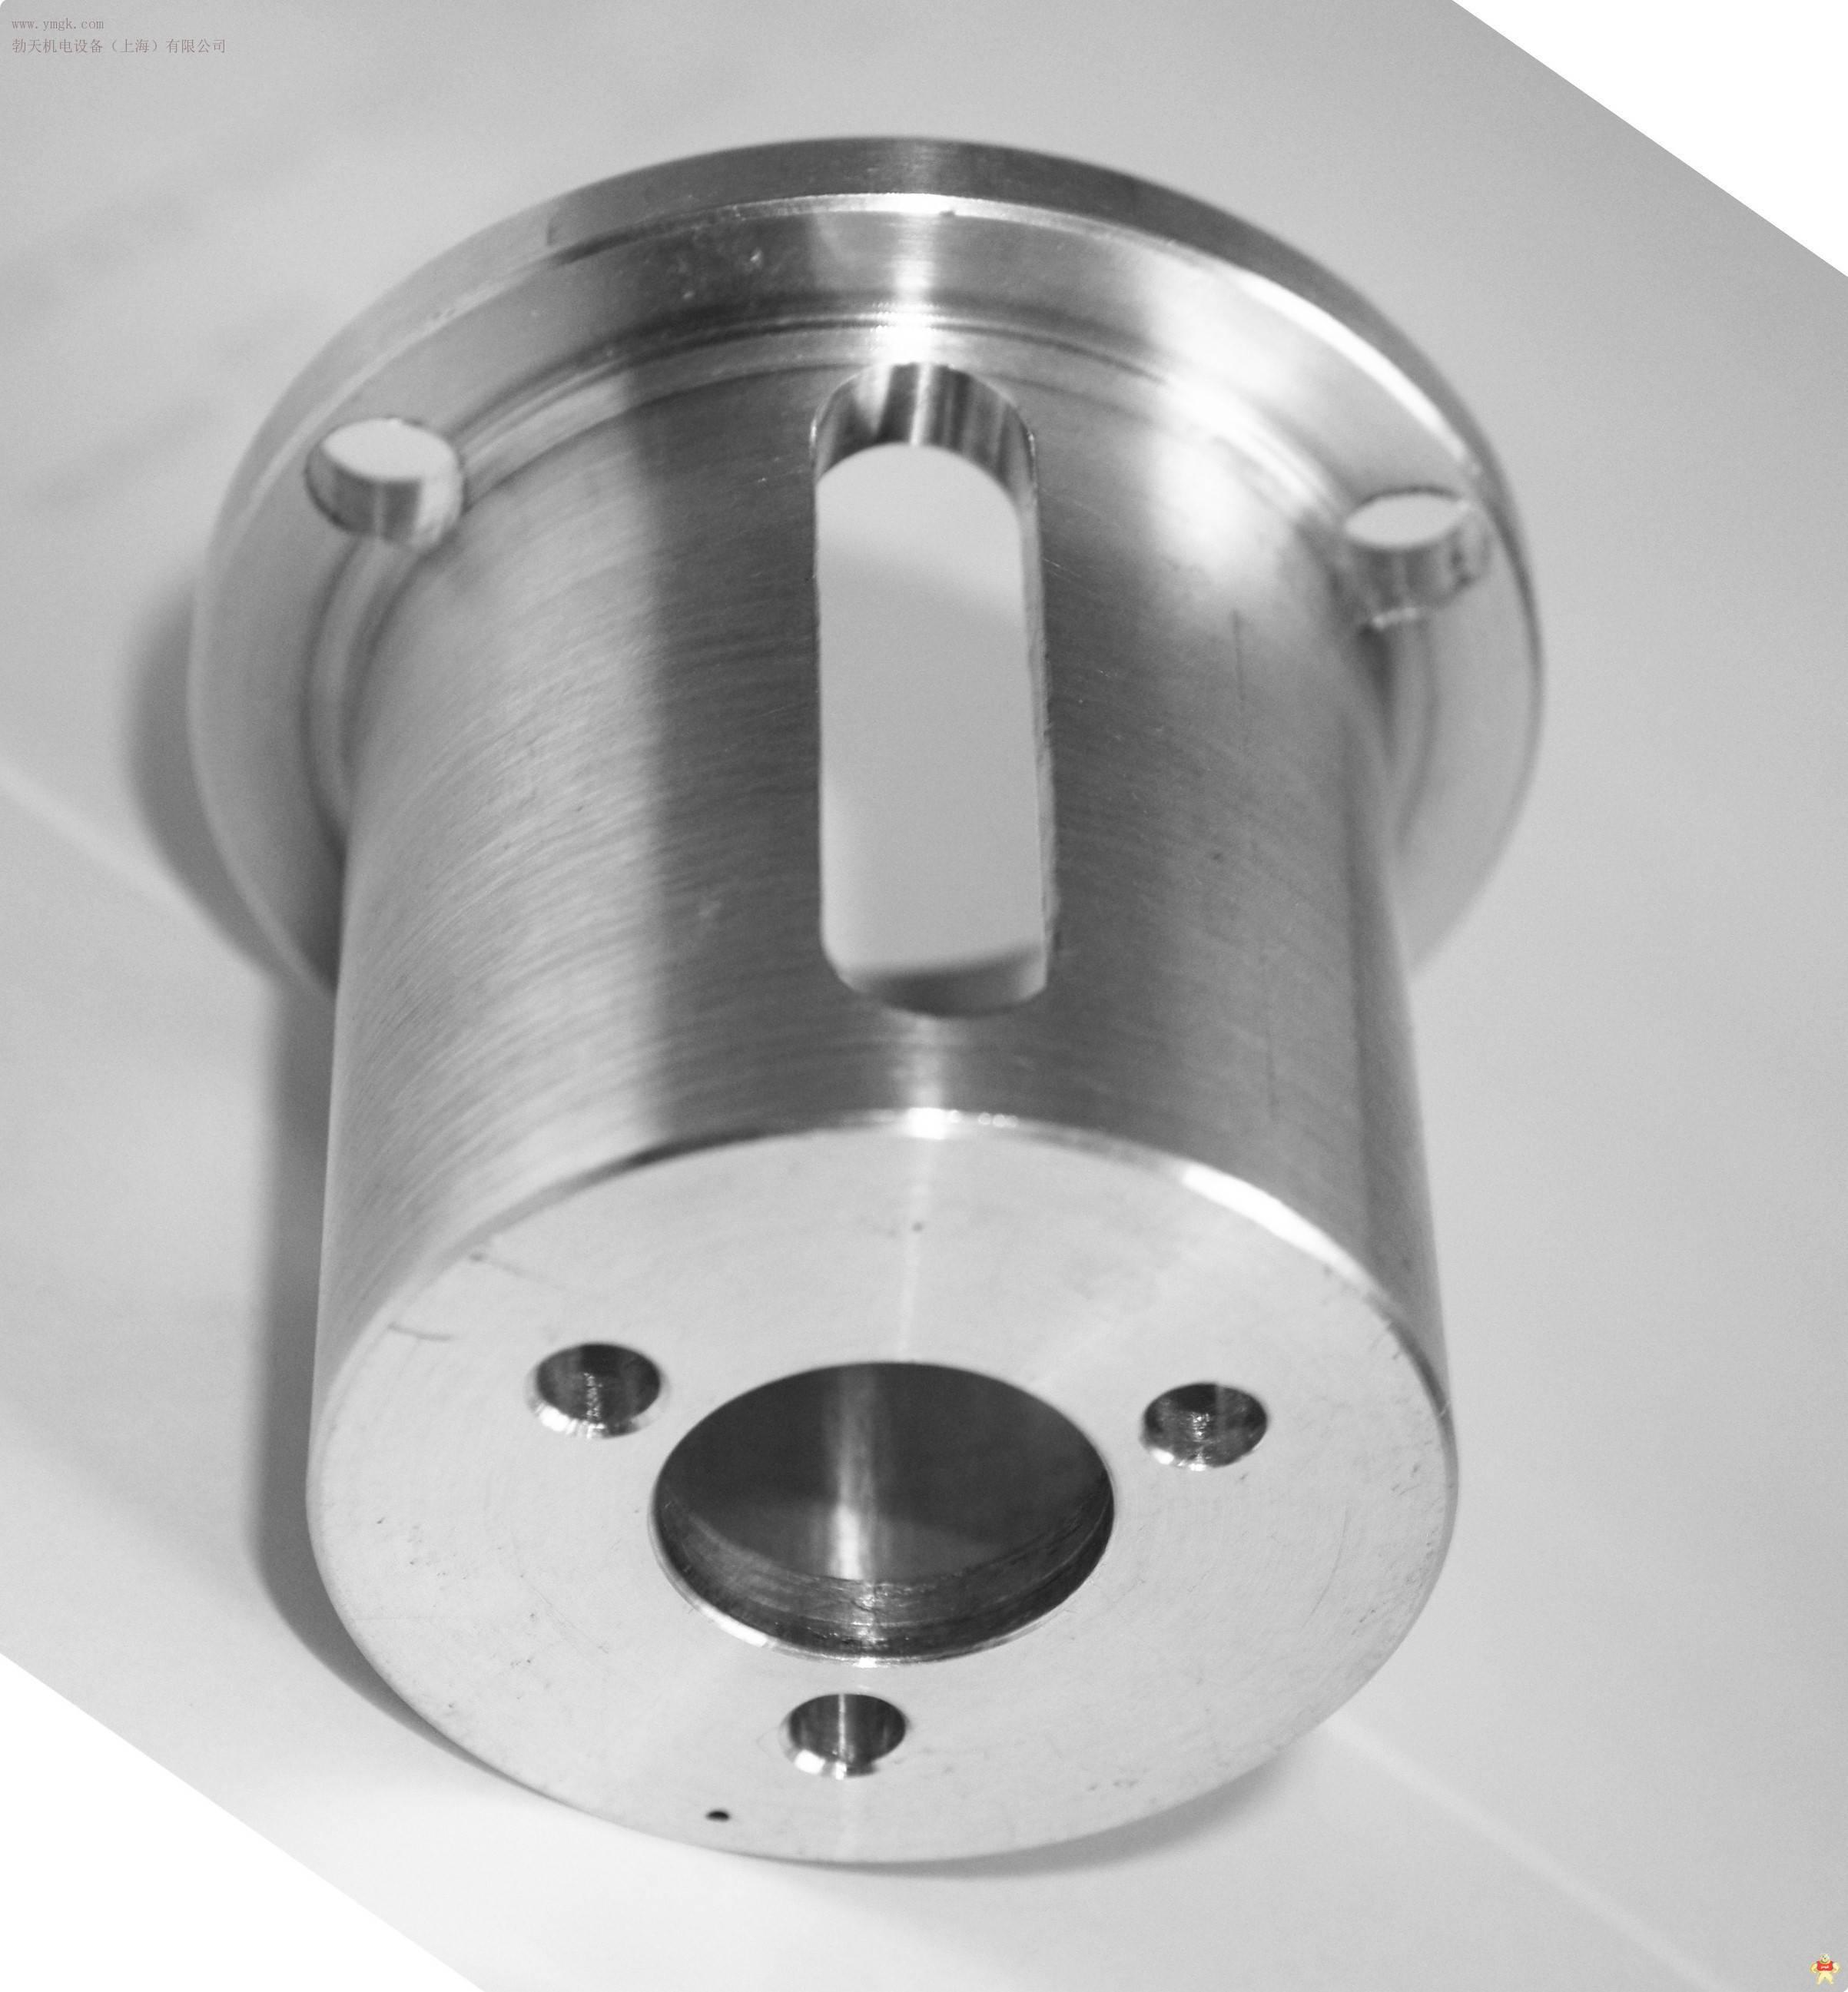 多圈0-5v信号编码器 多圈防水型ssi同步串行信号编码器 单圈rs485信号